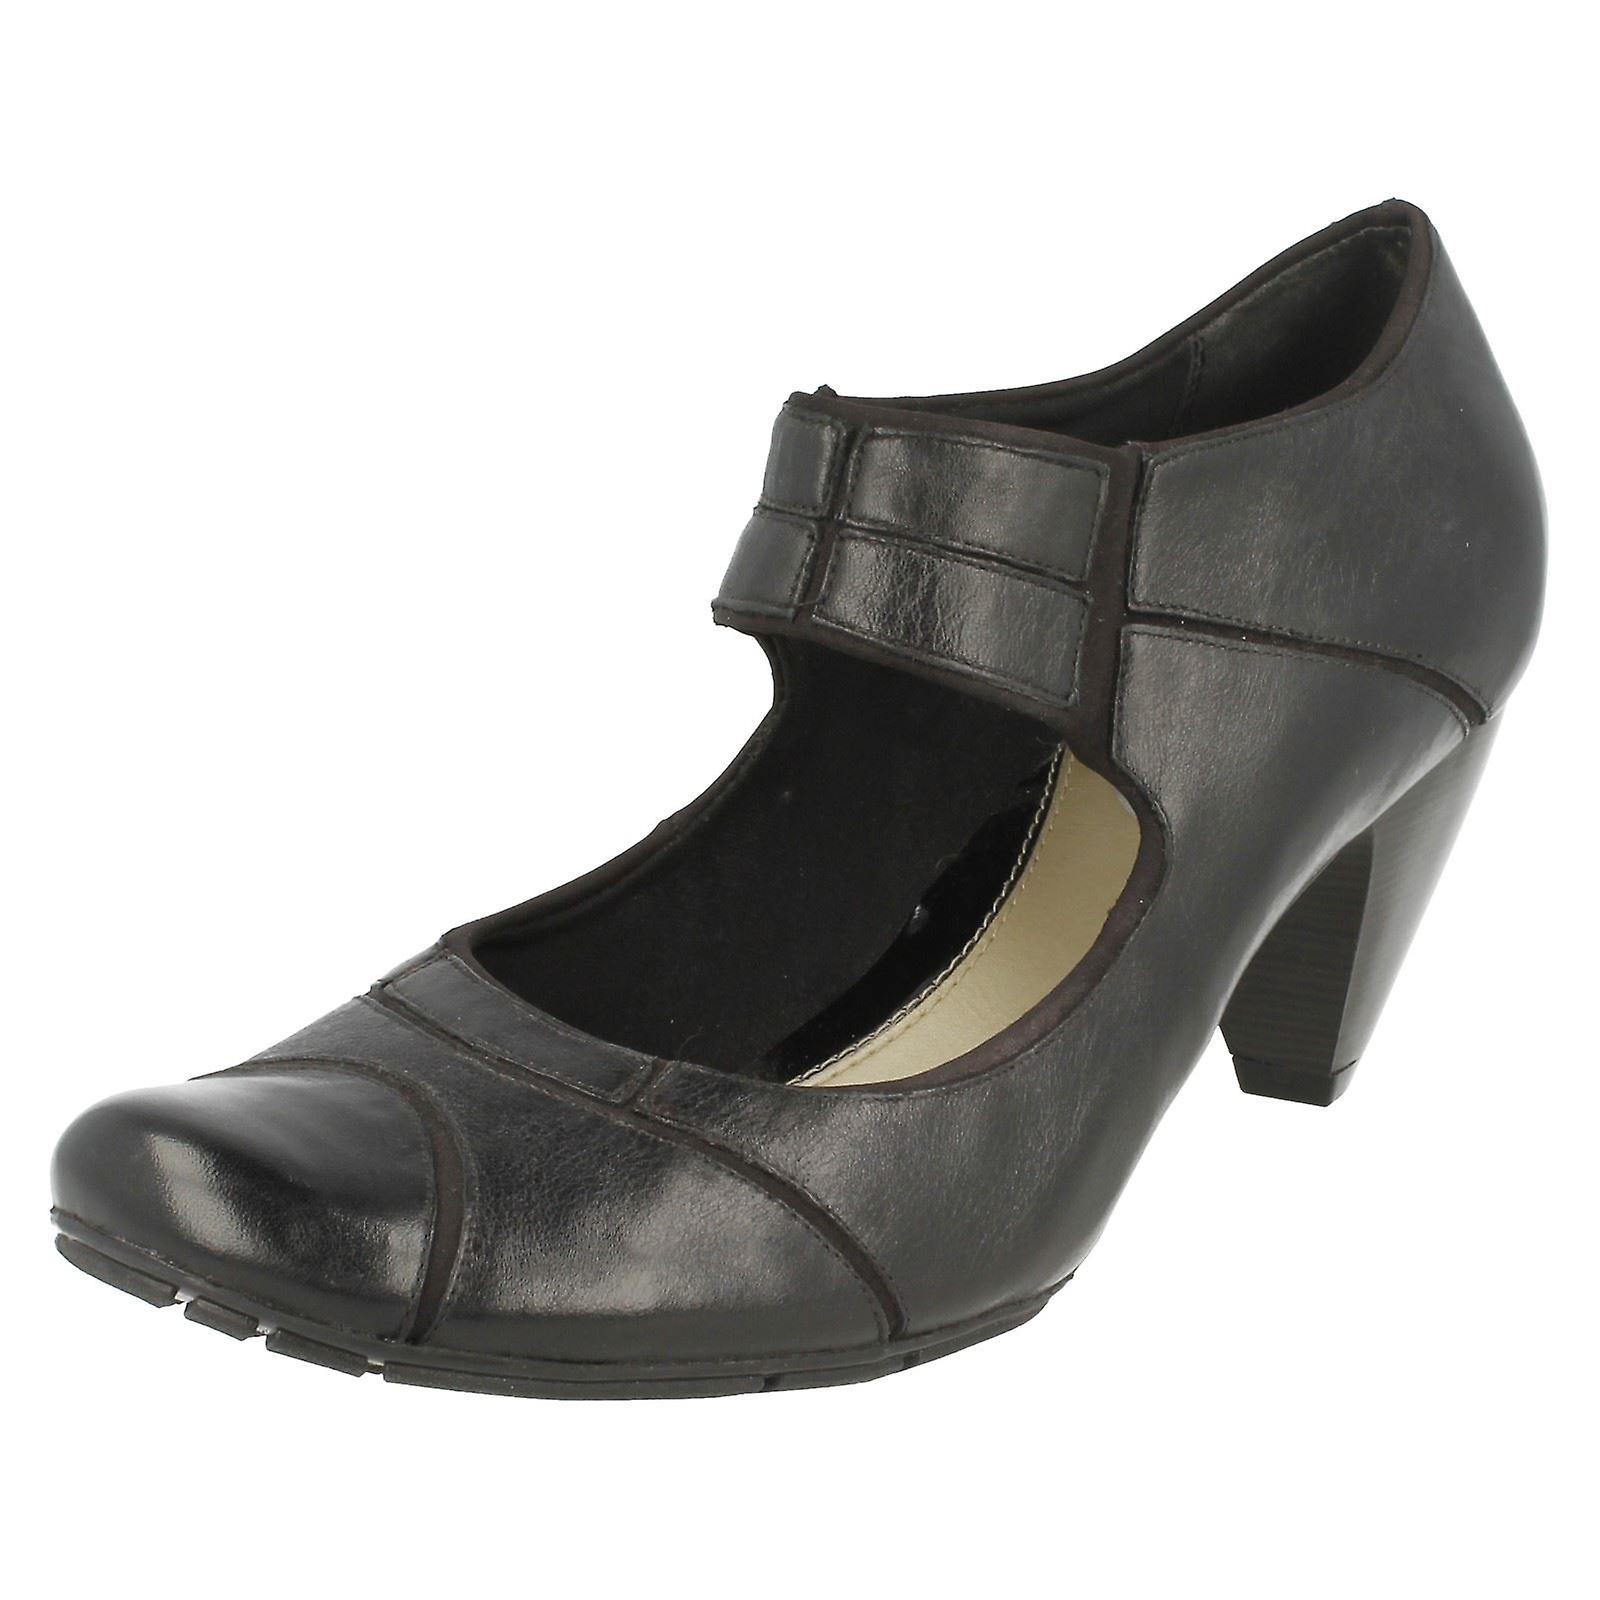 Damen Clarks Softwear Smart Schuhe überall